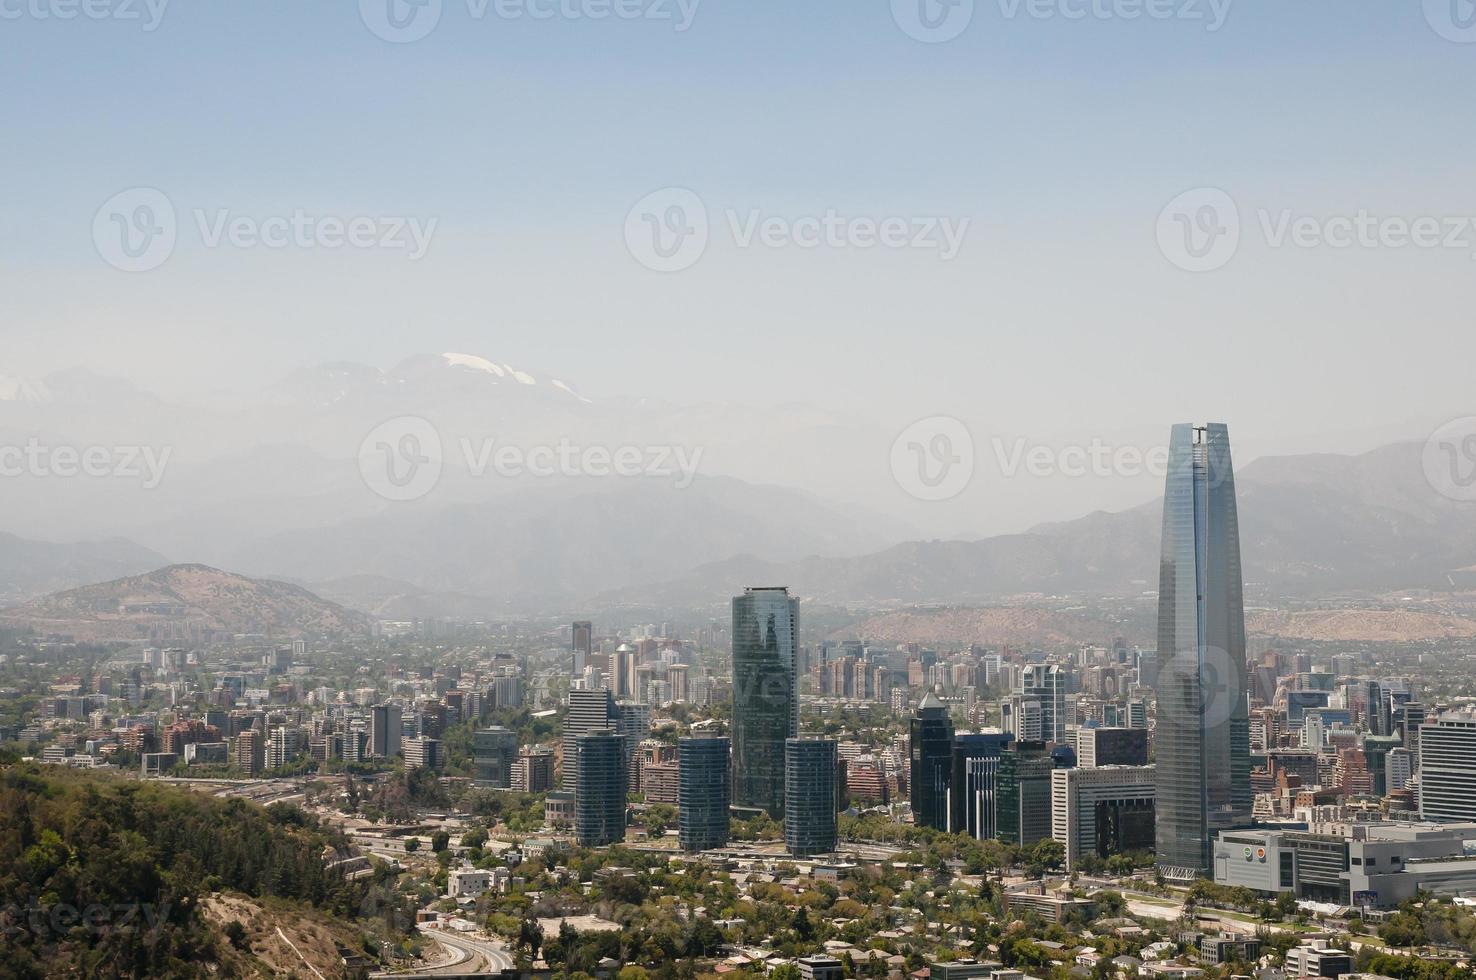 het stadscentrum van Santiago - Chili foto